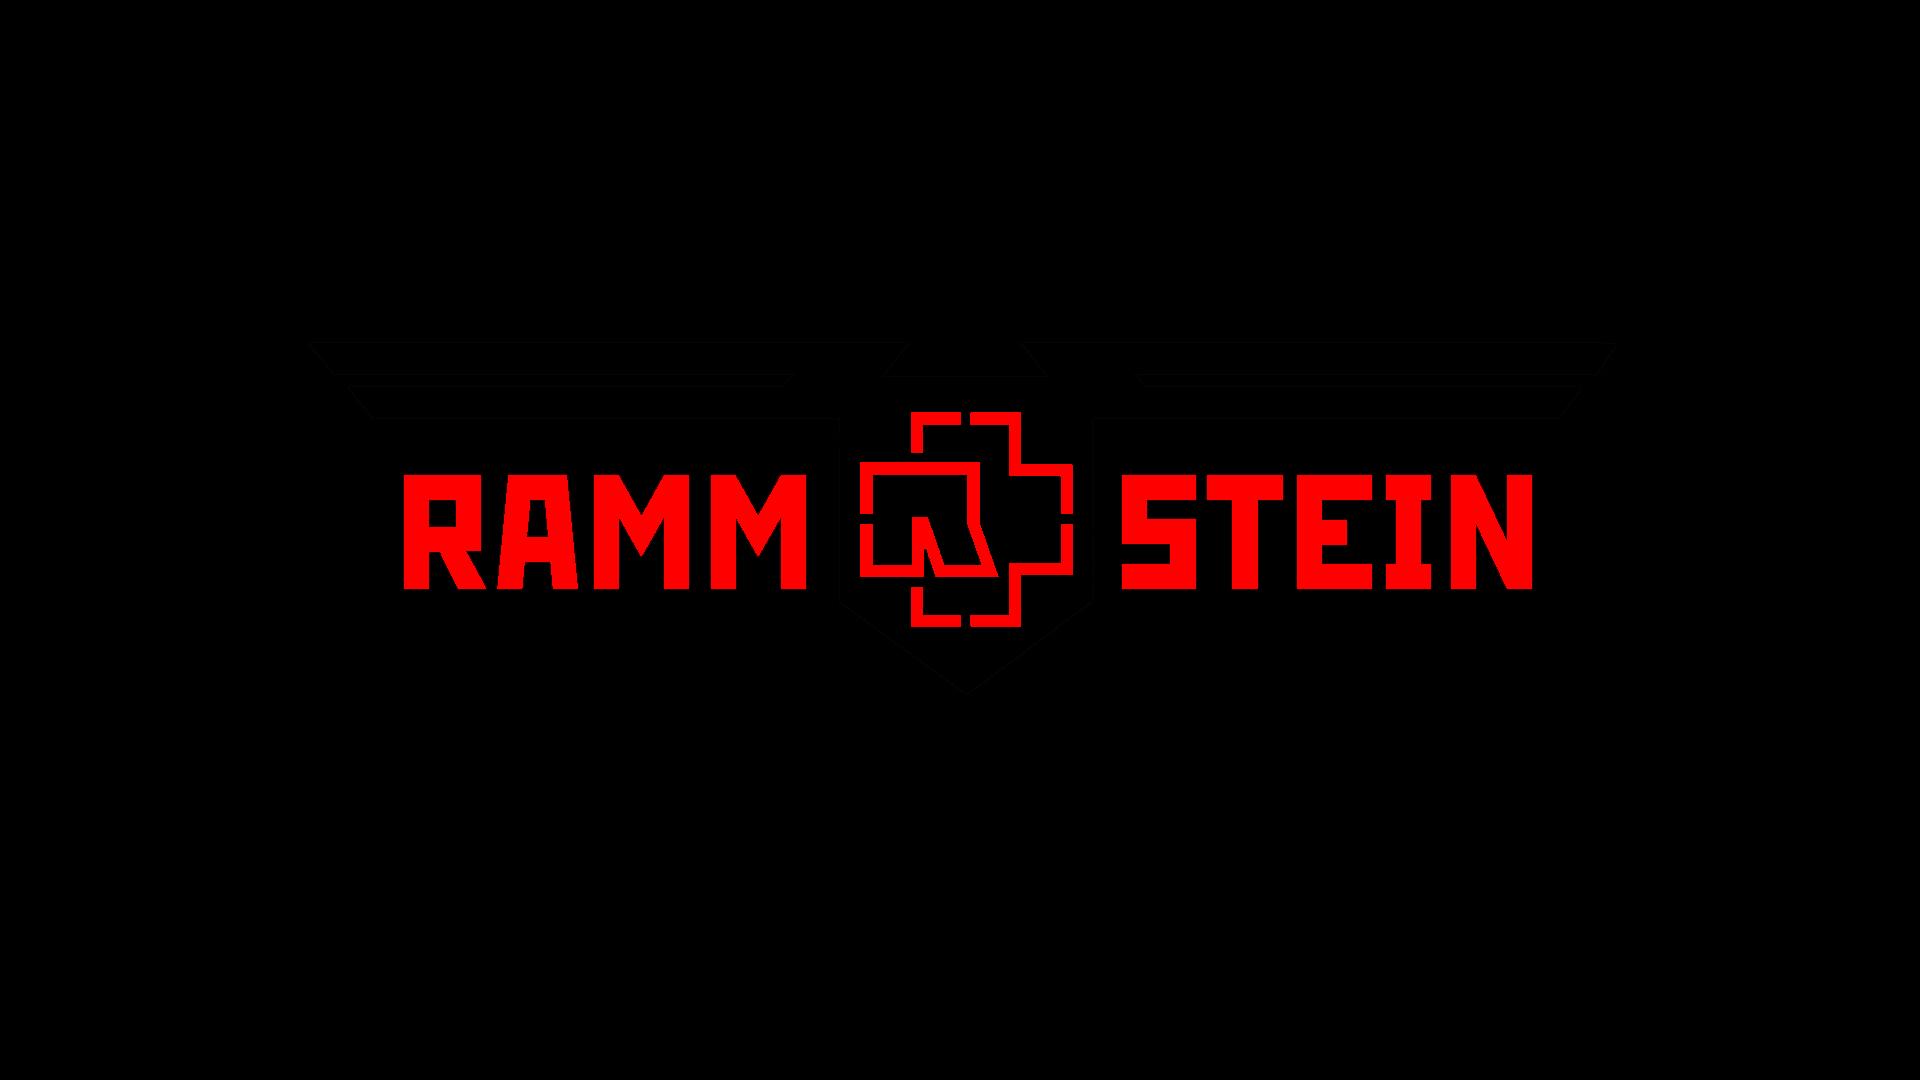 Download Wallpaper Logo Rammstein - rammstein_1920x1080_wall_by_schlash-d4caoou  Photograph_121024.png